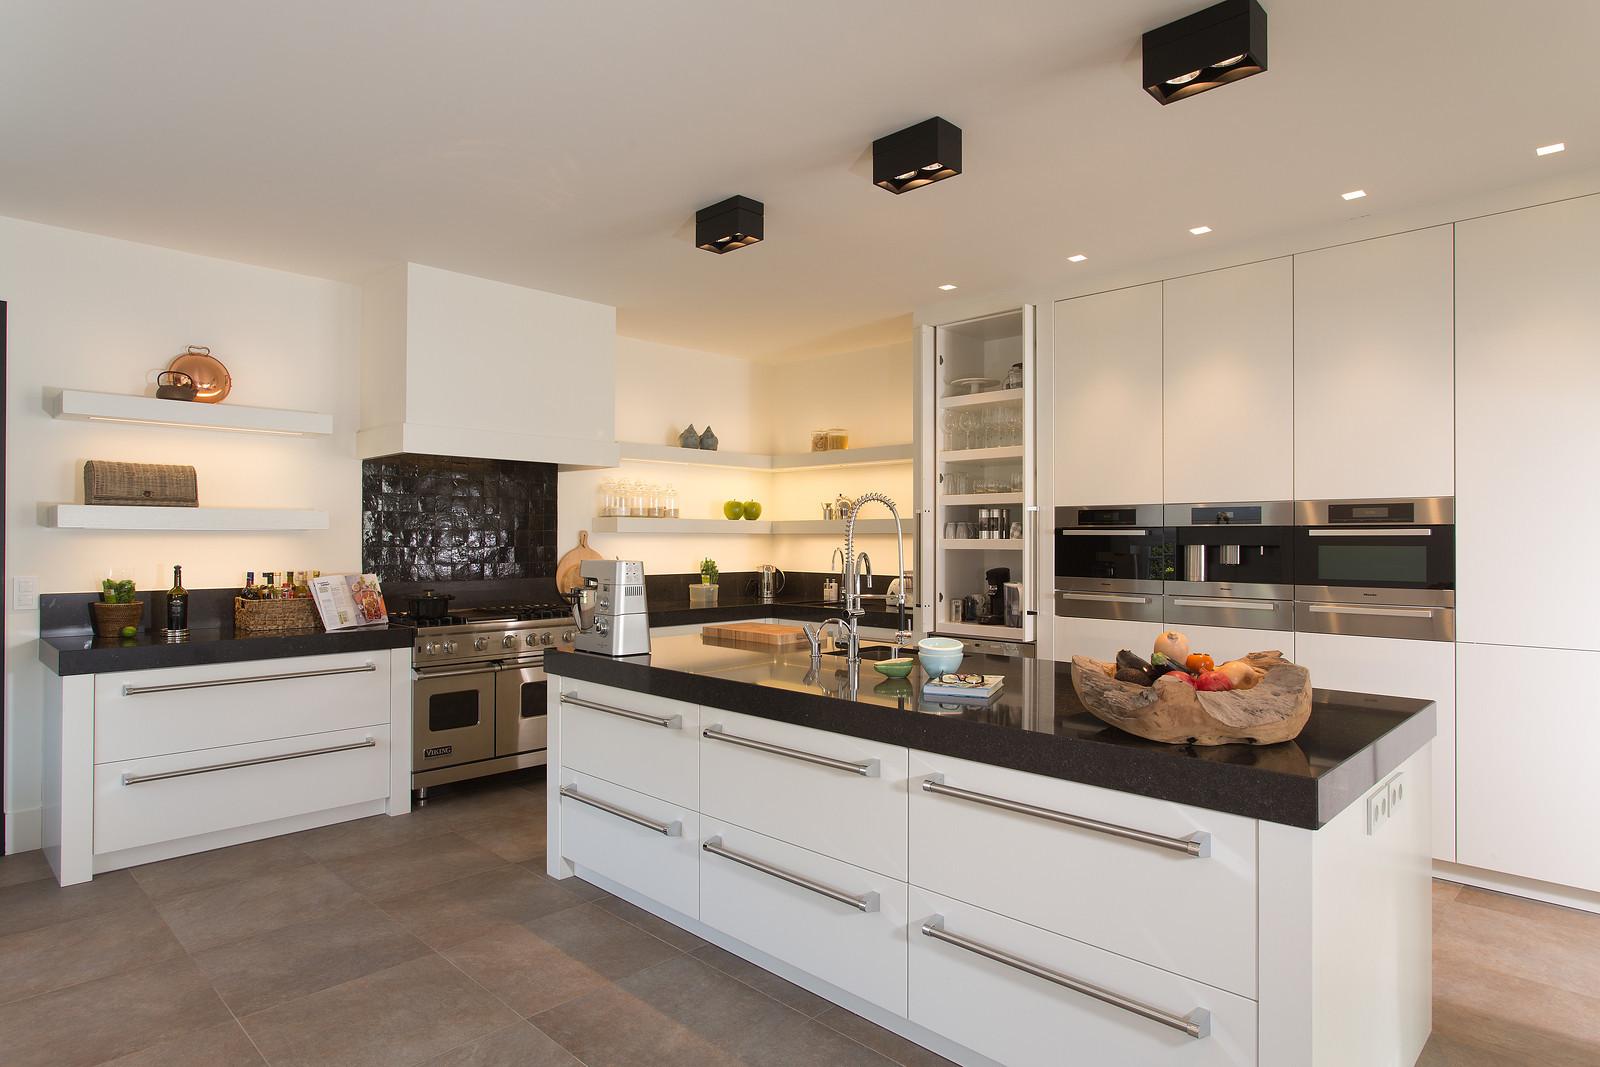 Greeploze Keuken Met Kookeiland : keuken met brede lades met greep en ruim spoeleiland – Tielman keukens